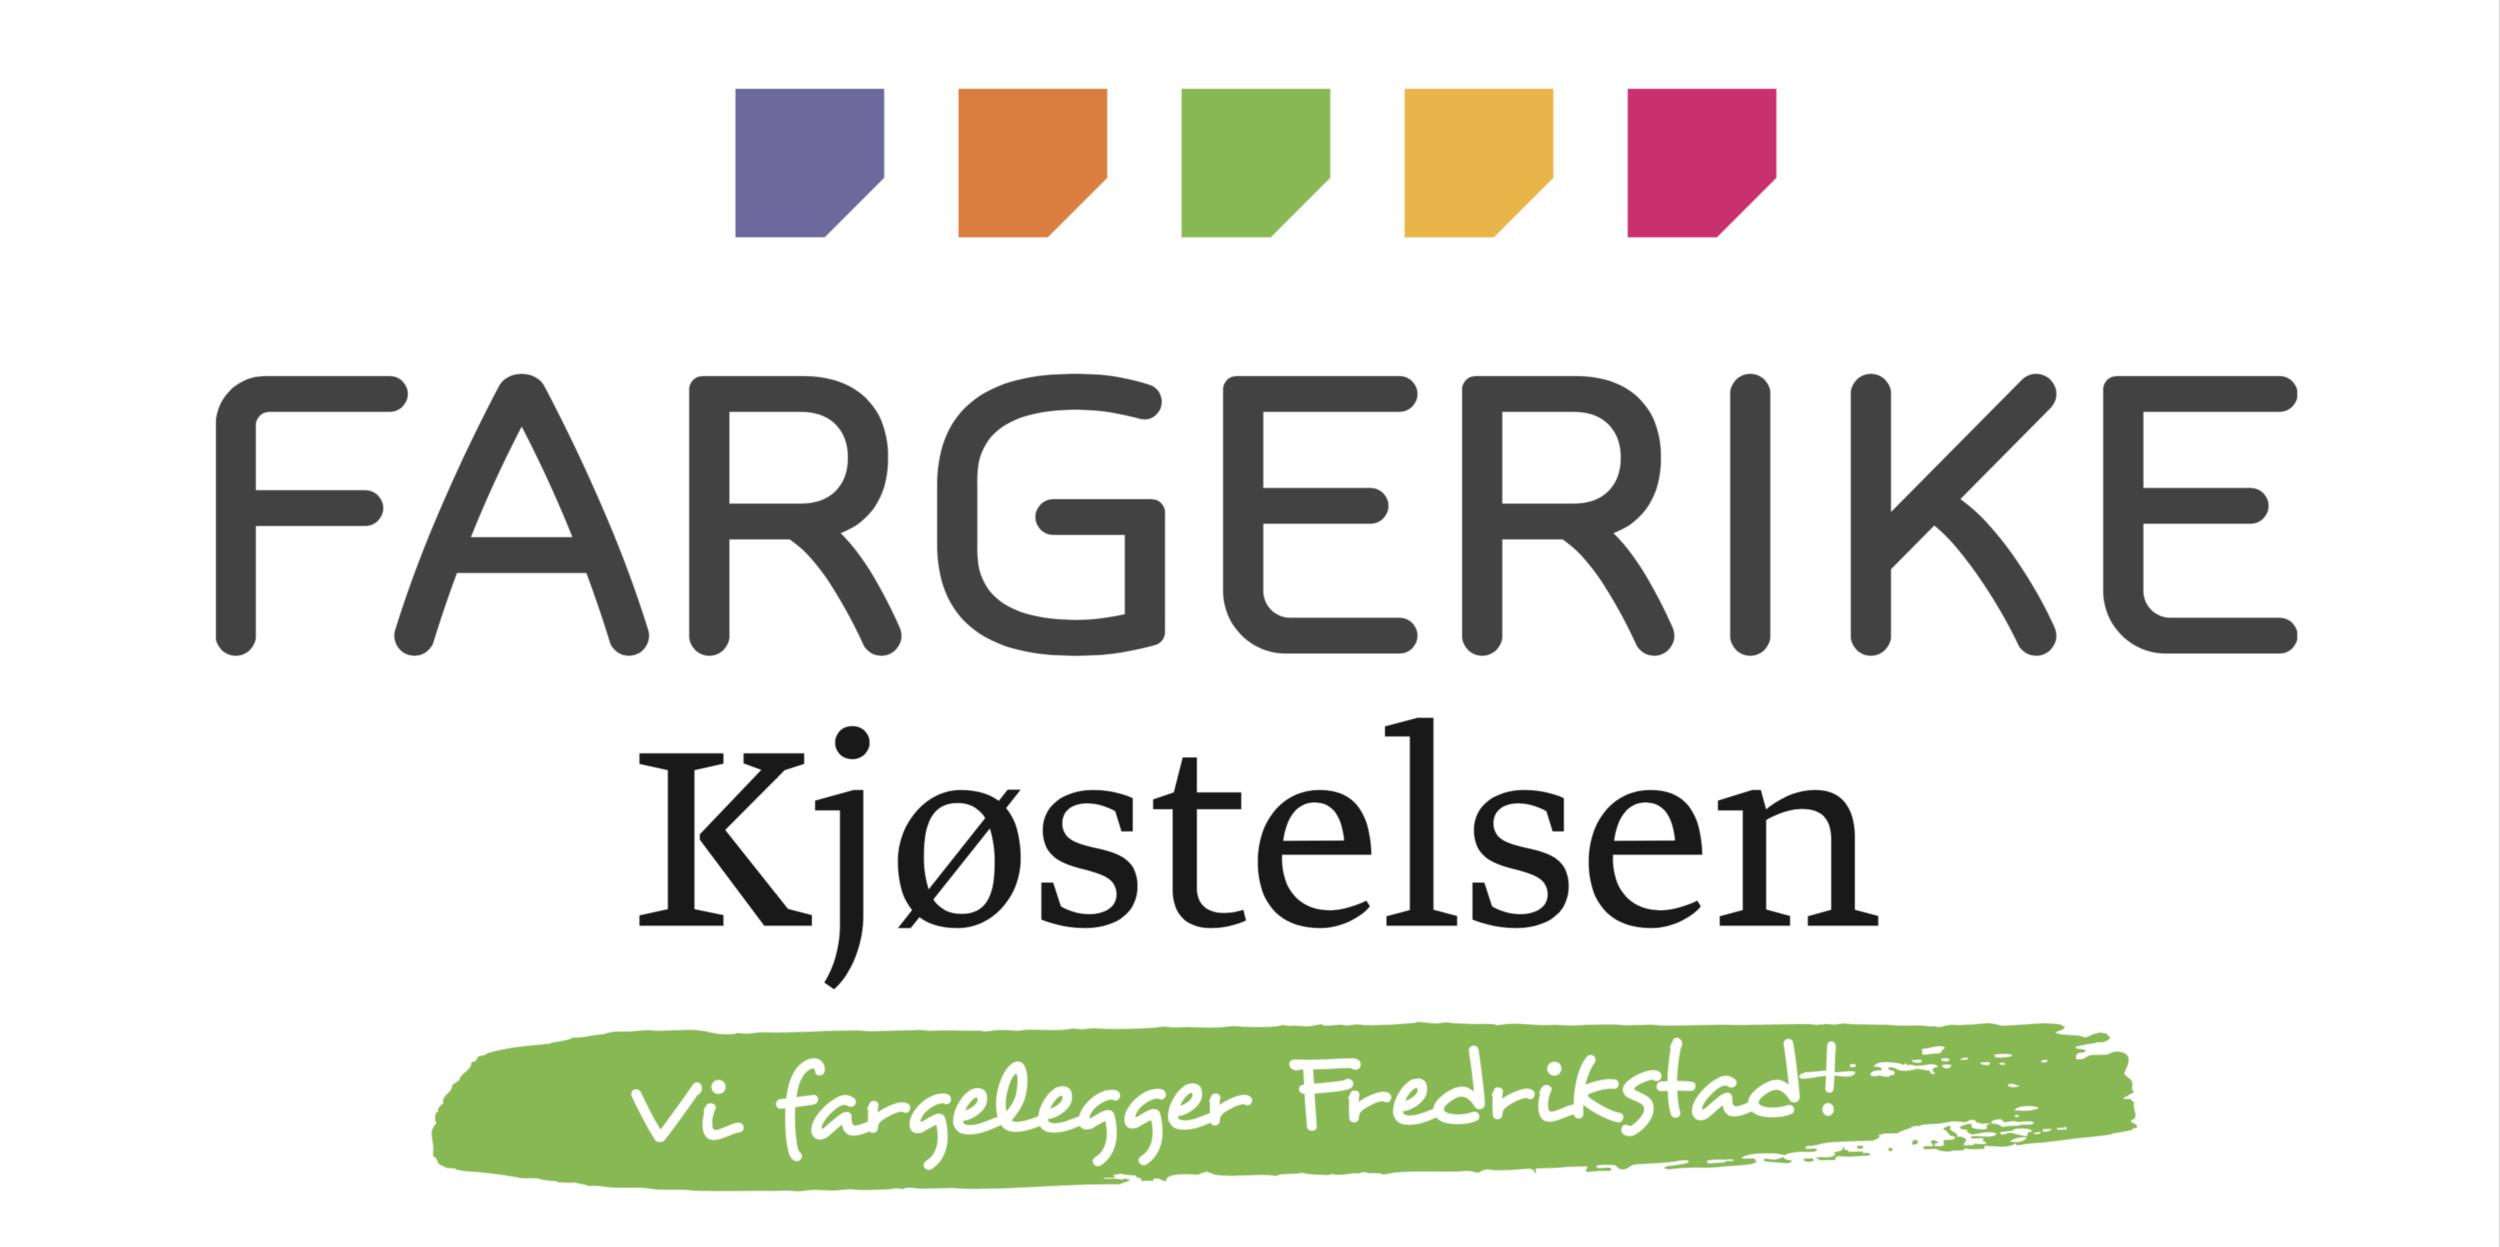 Skjermbilde 2019-04-29 kl. 11.36.24.png